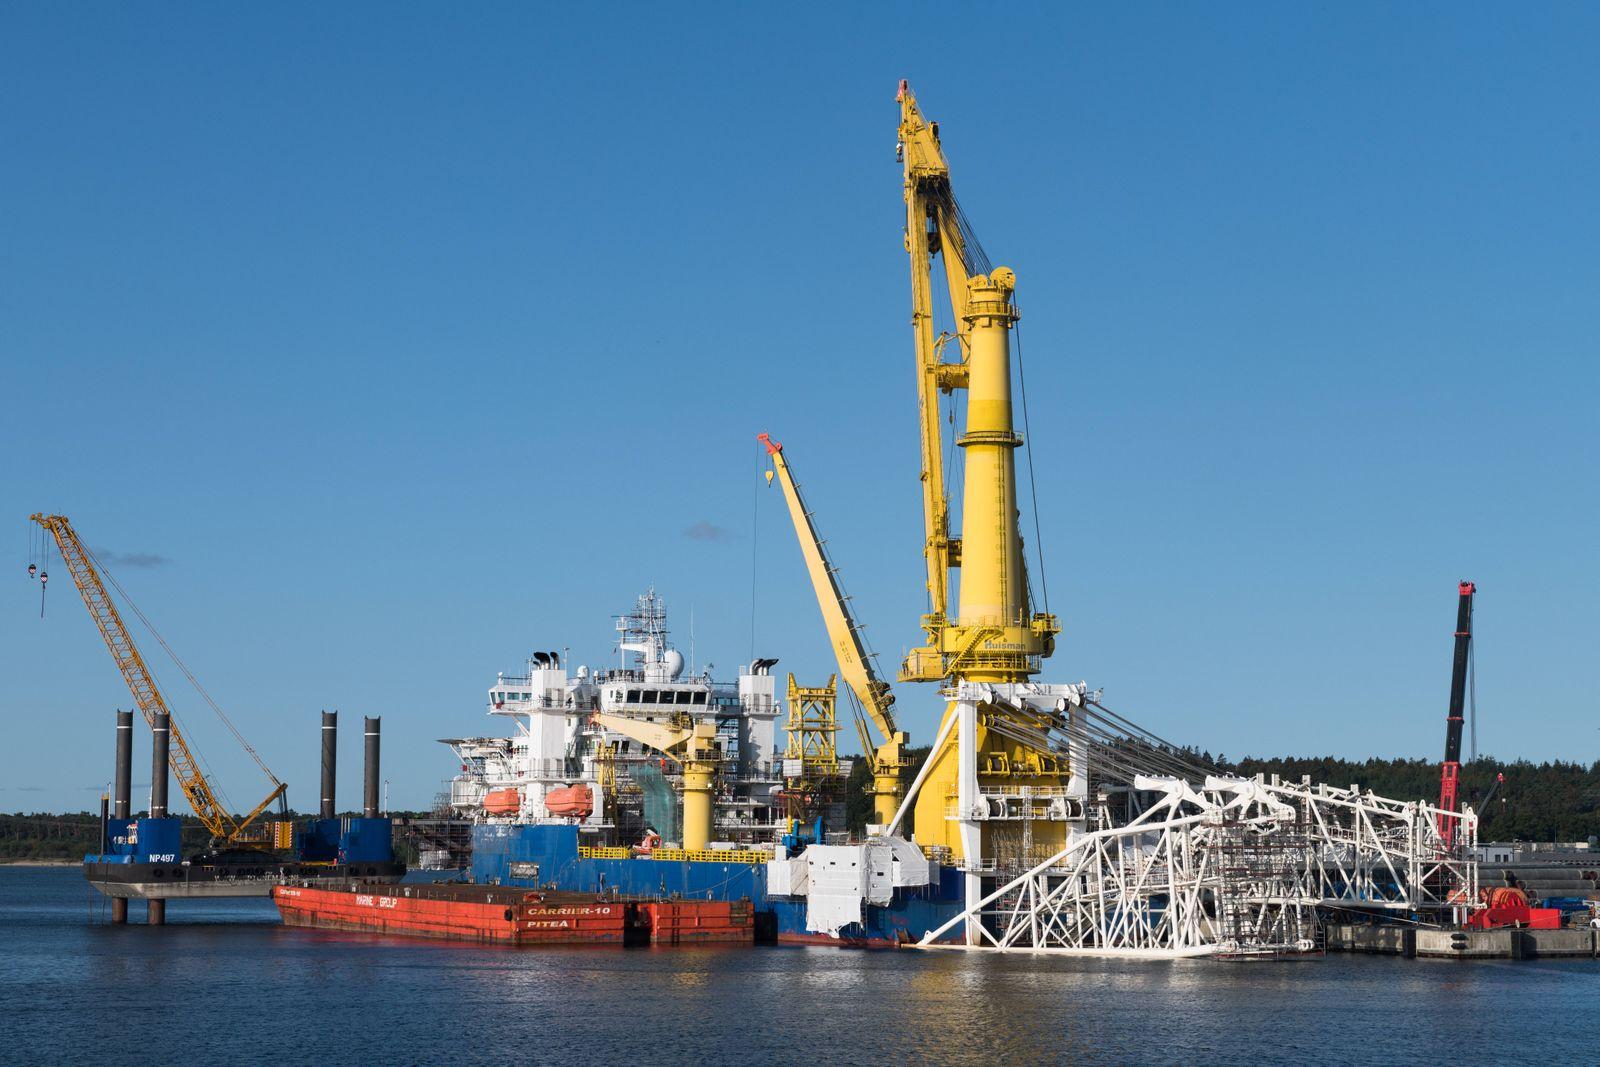 Das russische Verlegeschiff im Fährhafen Mukran soll die weiteren Gasrohre für die Pipeline Nord Stream 2 in der Ostsee